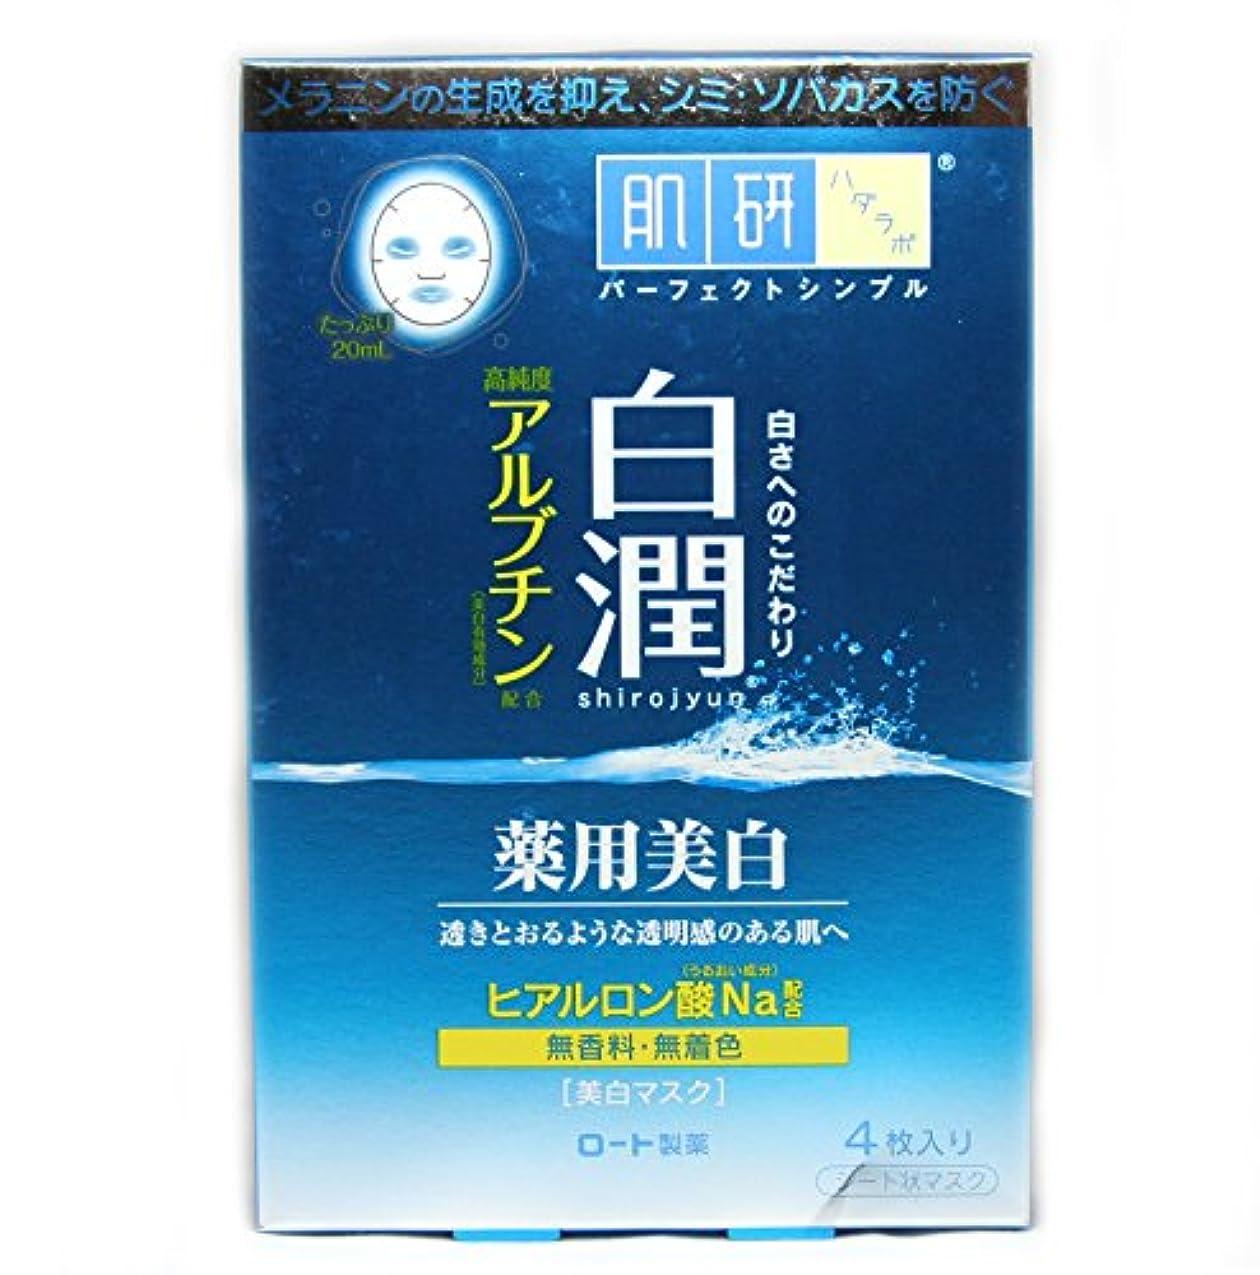 レンダリングサッカー聖職者肌研白潤薬用美白マスク